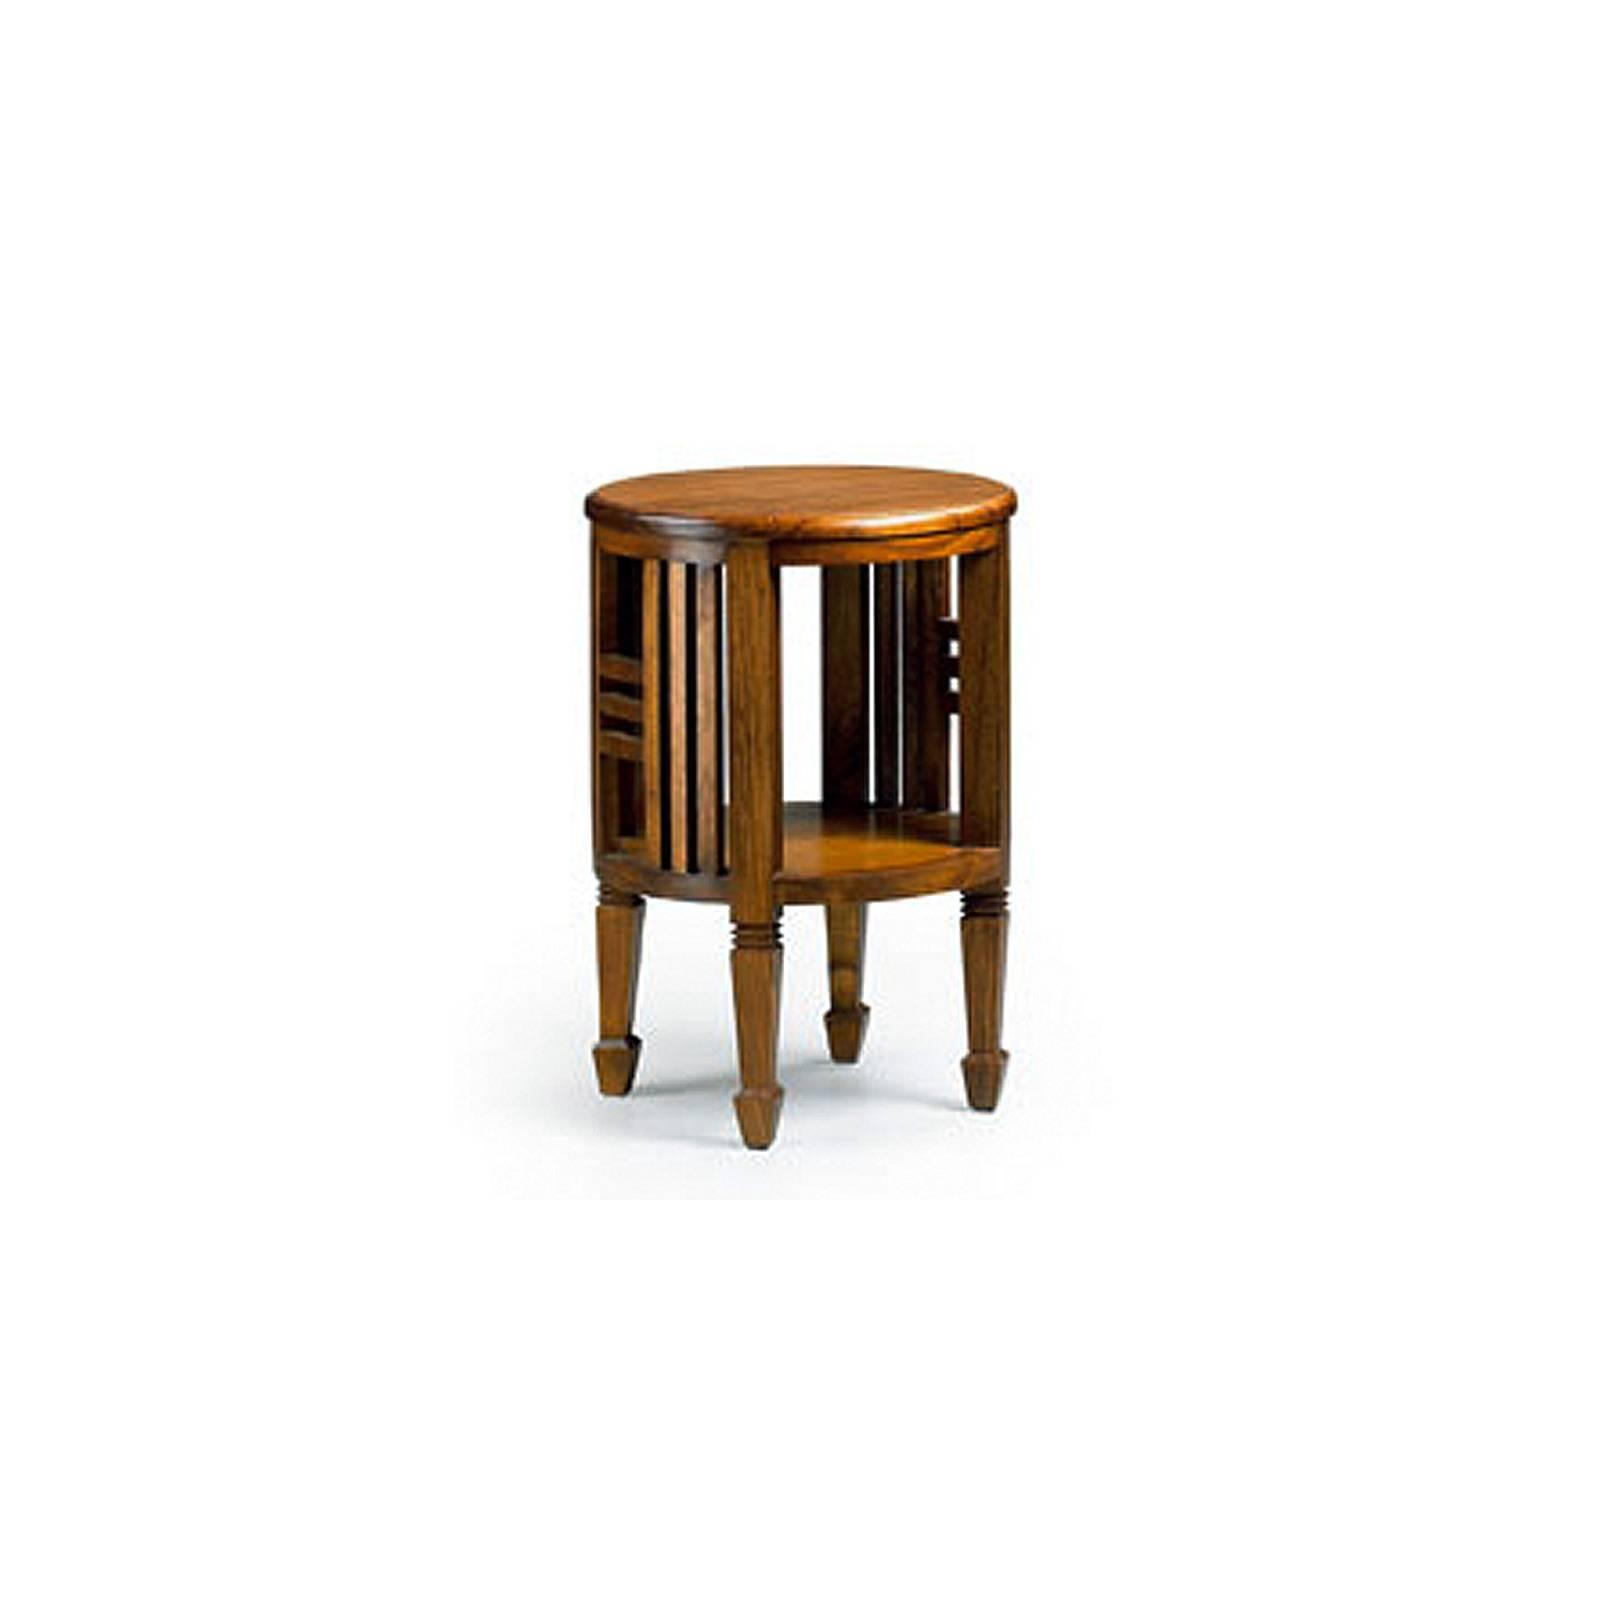 Console Ronde Tali Mindy - meuble bois exotique